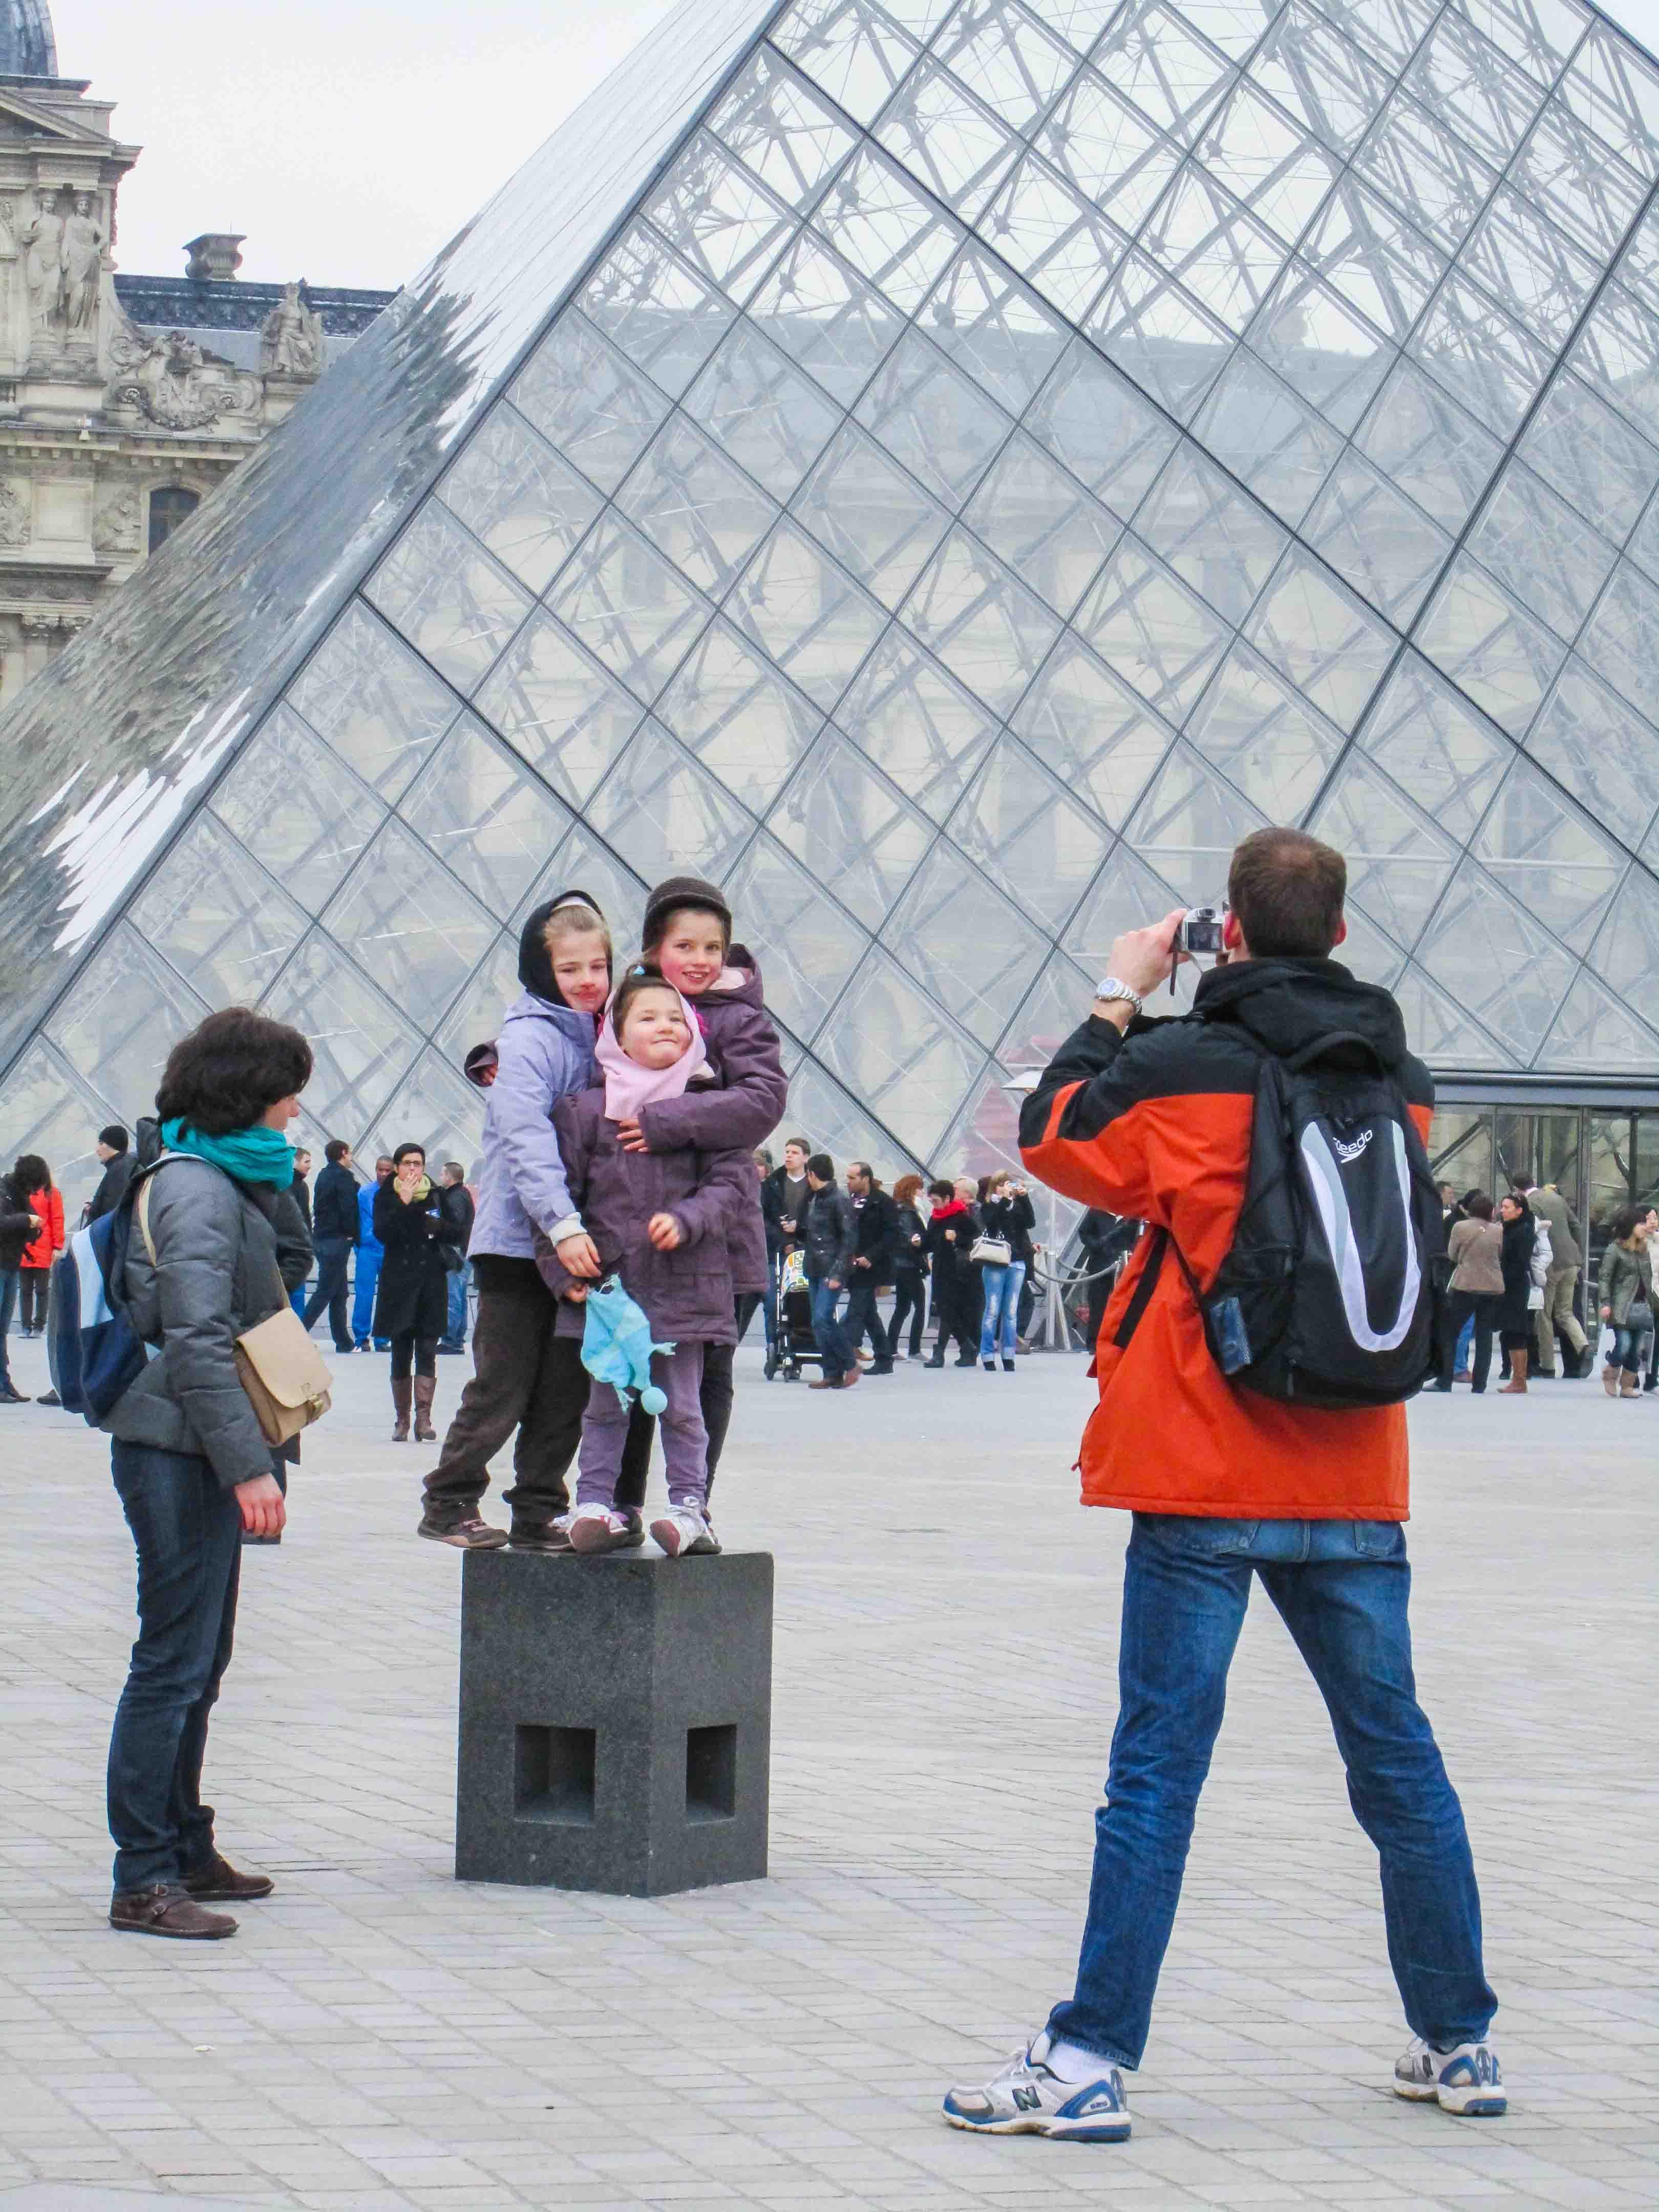 【フランス旅行】パリ ルーブル美術館前の撮影スポット